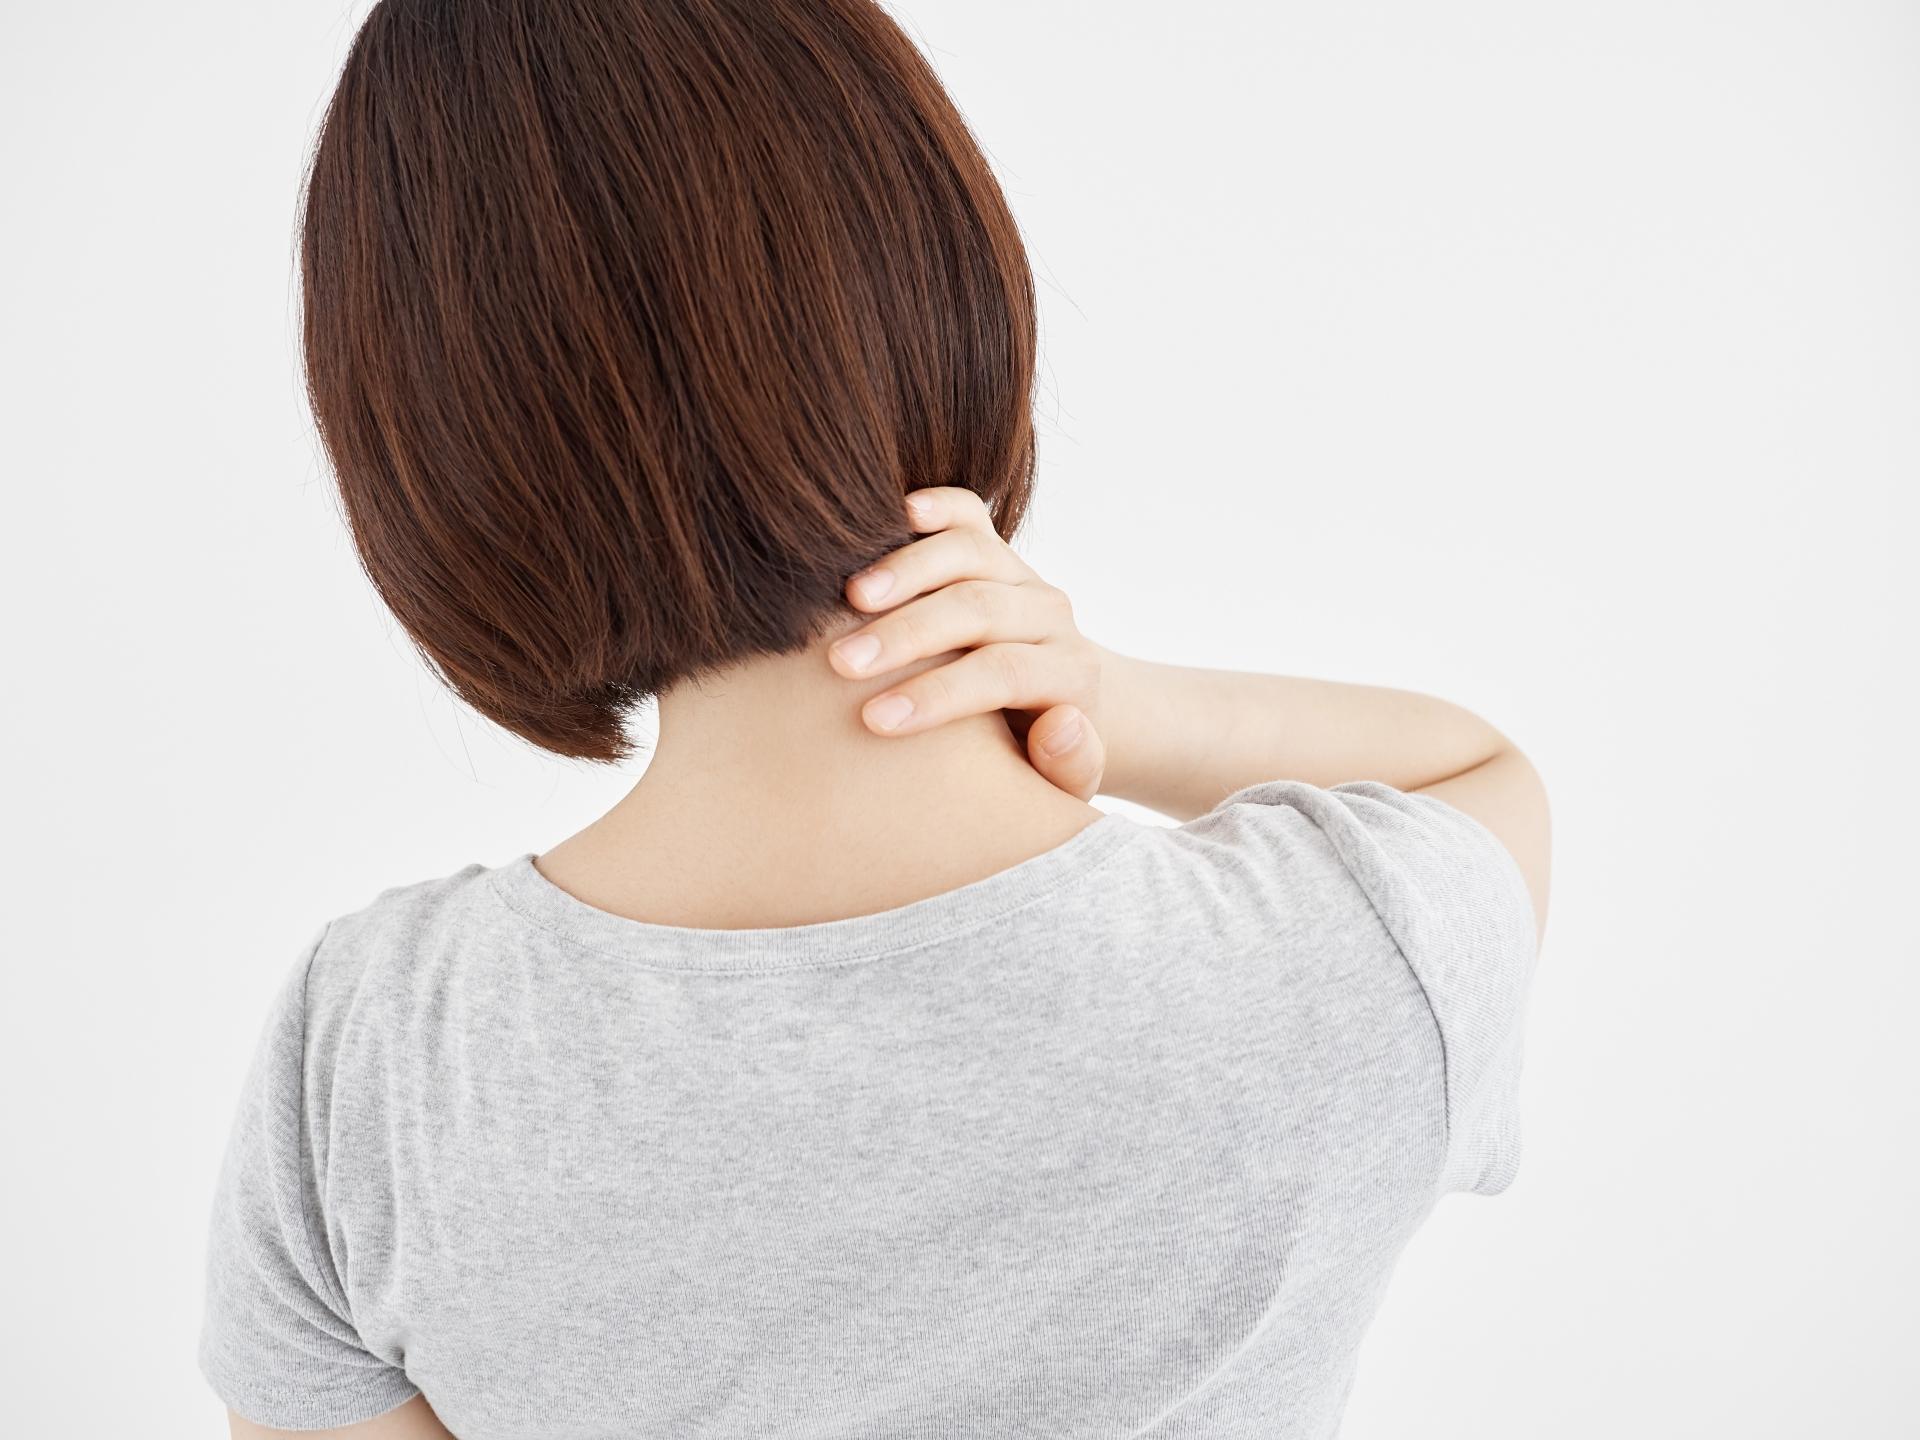 頸椎症を整体で解決できるのをご存知ですか?|別府整体 姿勢専門サロンゆのまち